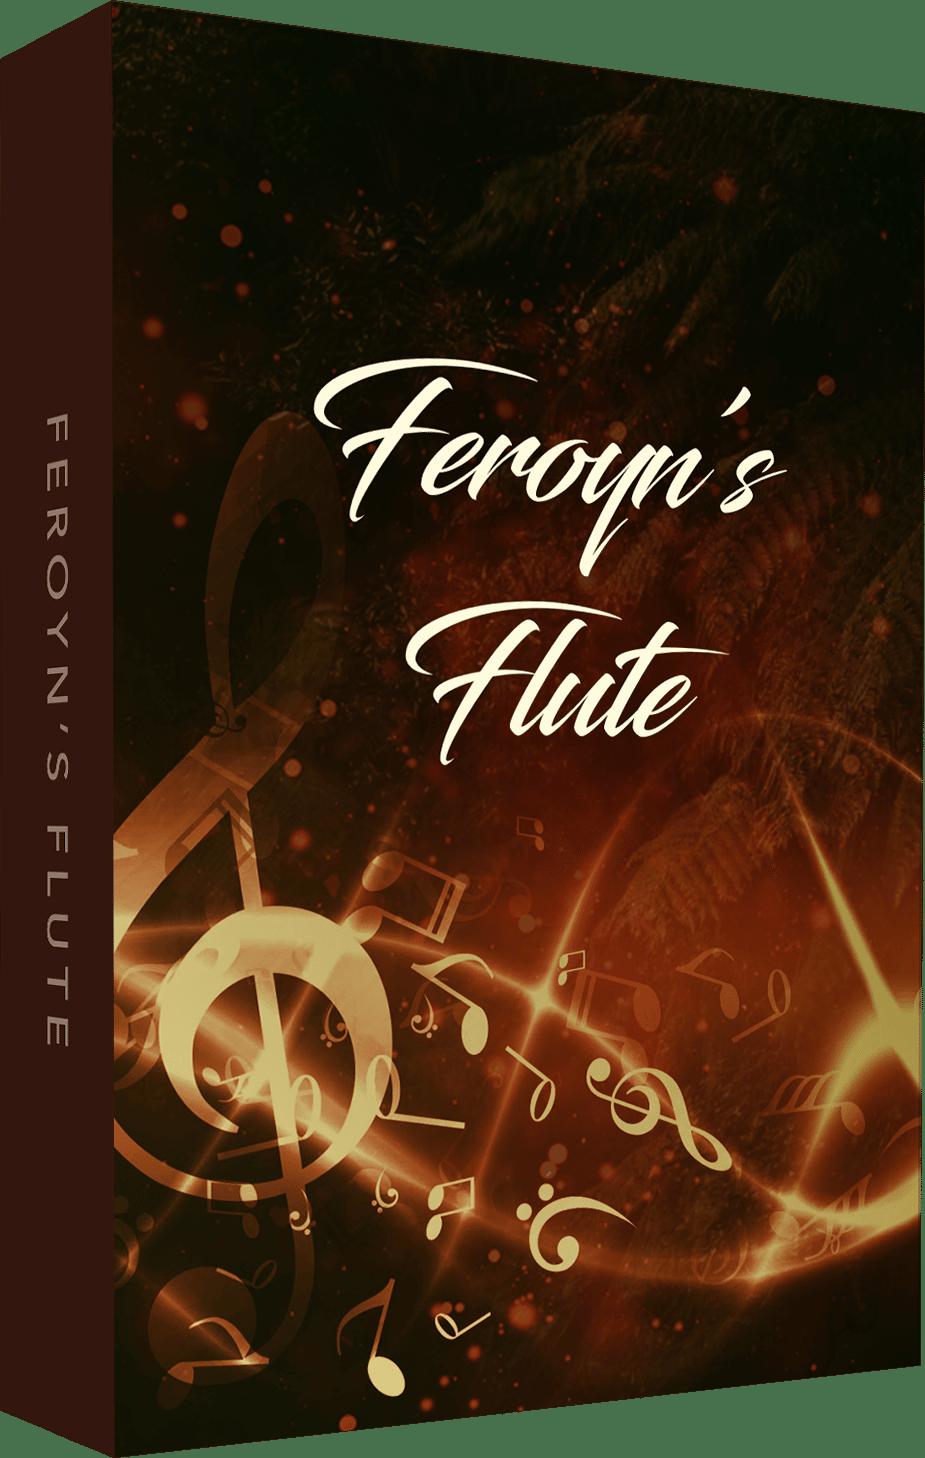 Feroyn's Flute